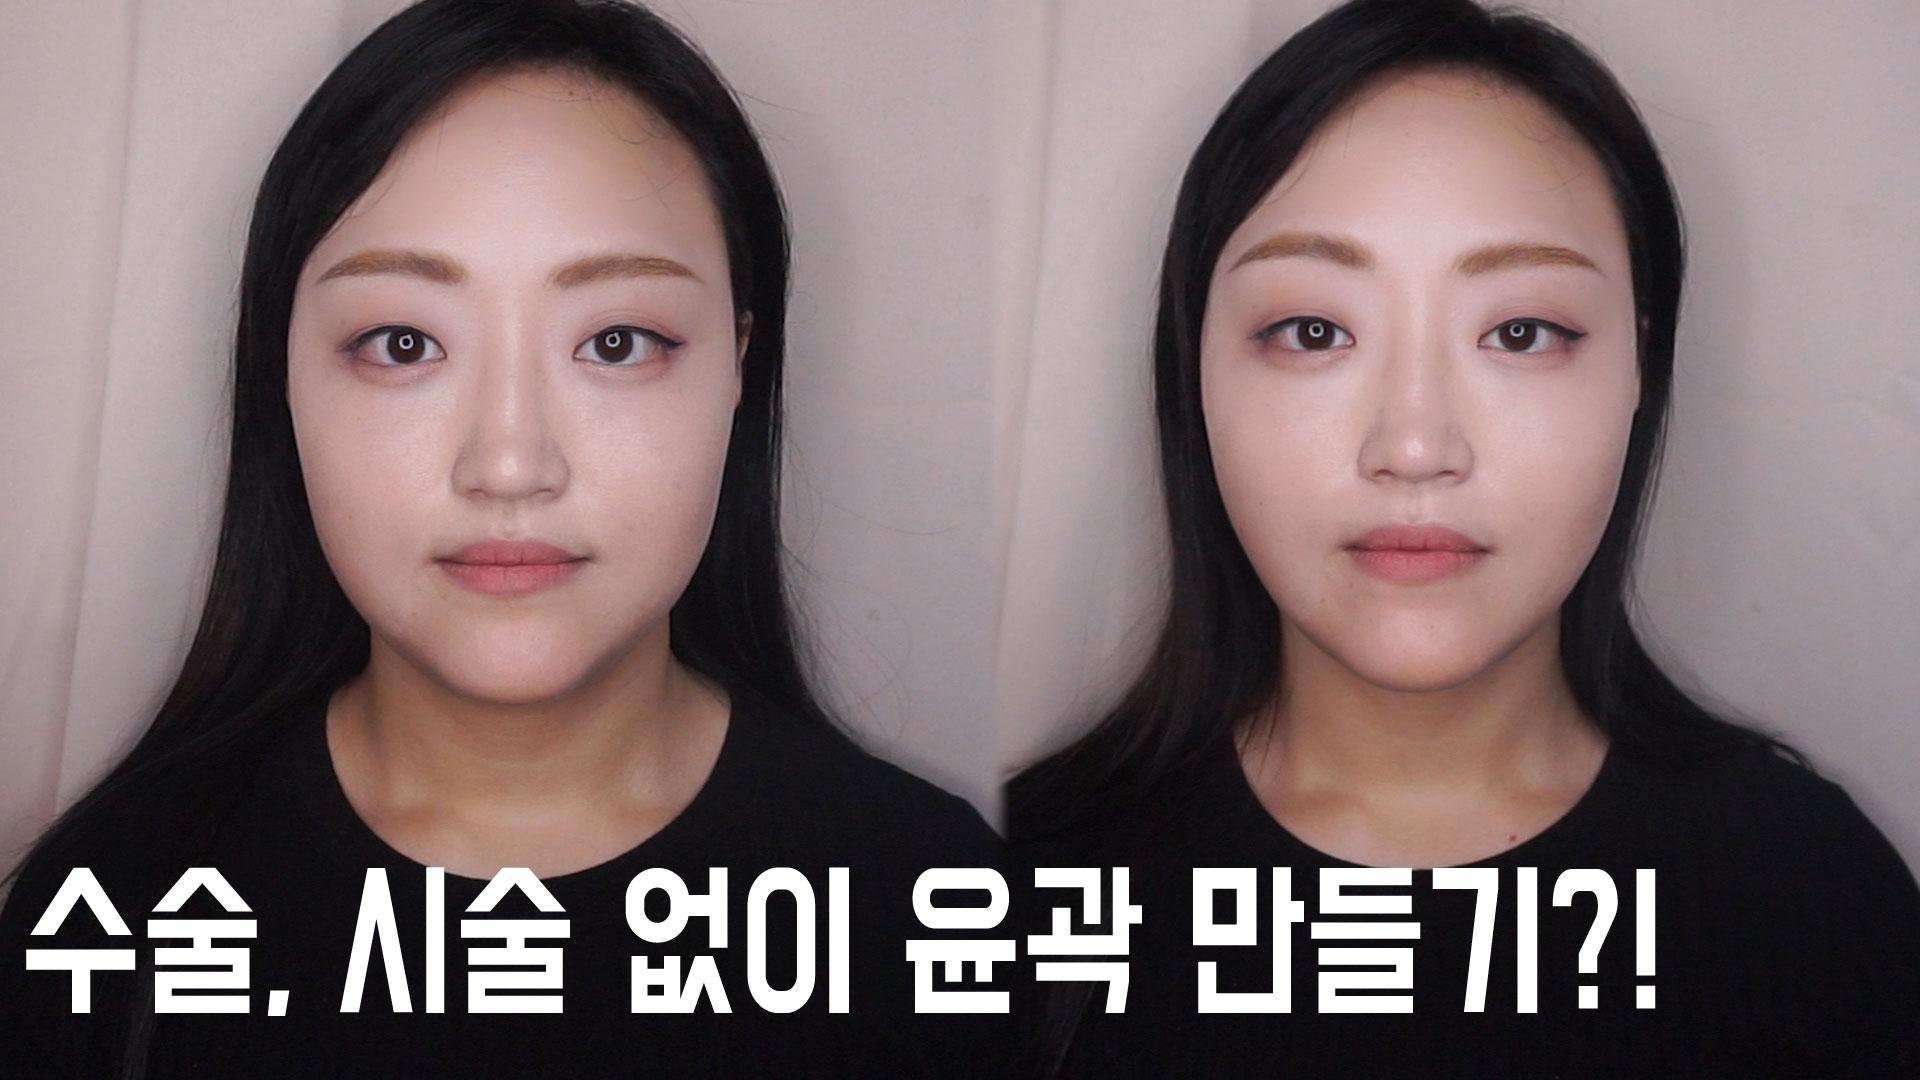 안면윤곽)성형,시술 없이 윤곽만들기!?ㅣHow to make a face line without plastic surgeryㅣ아무르(Amour)